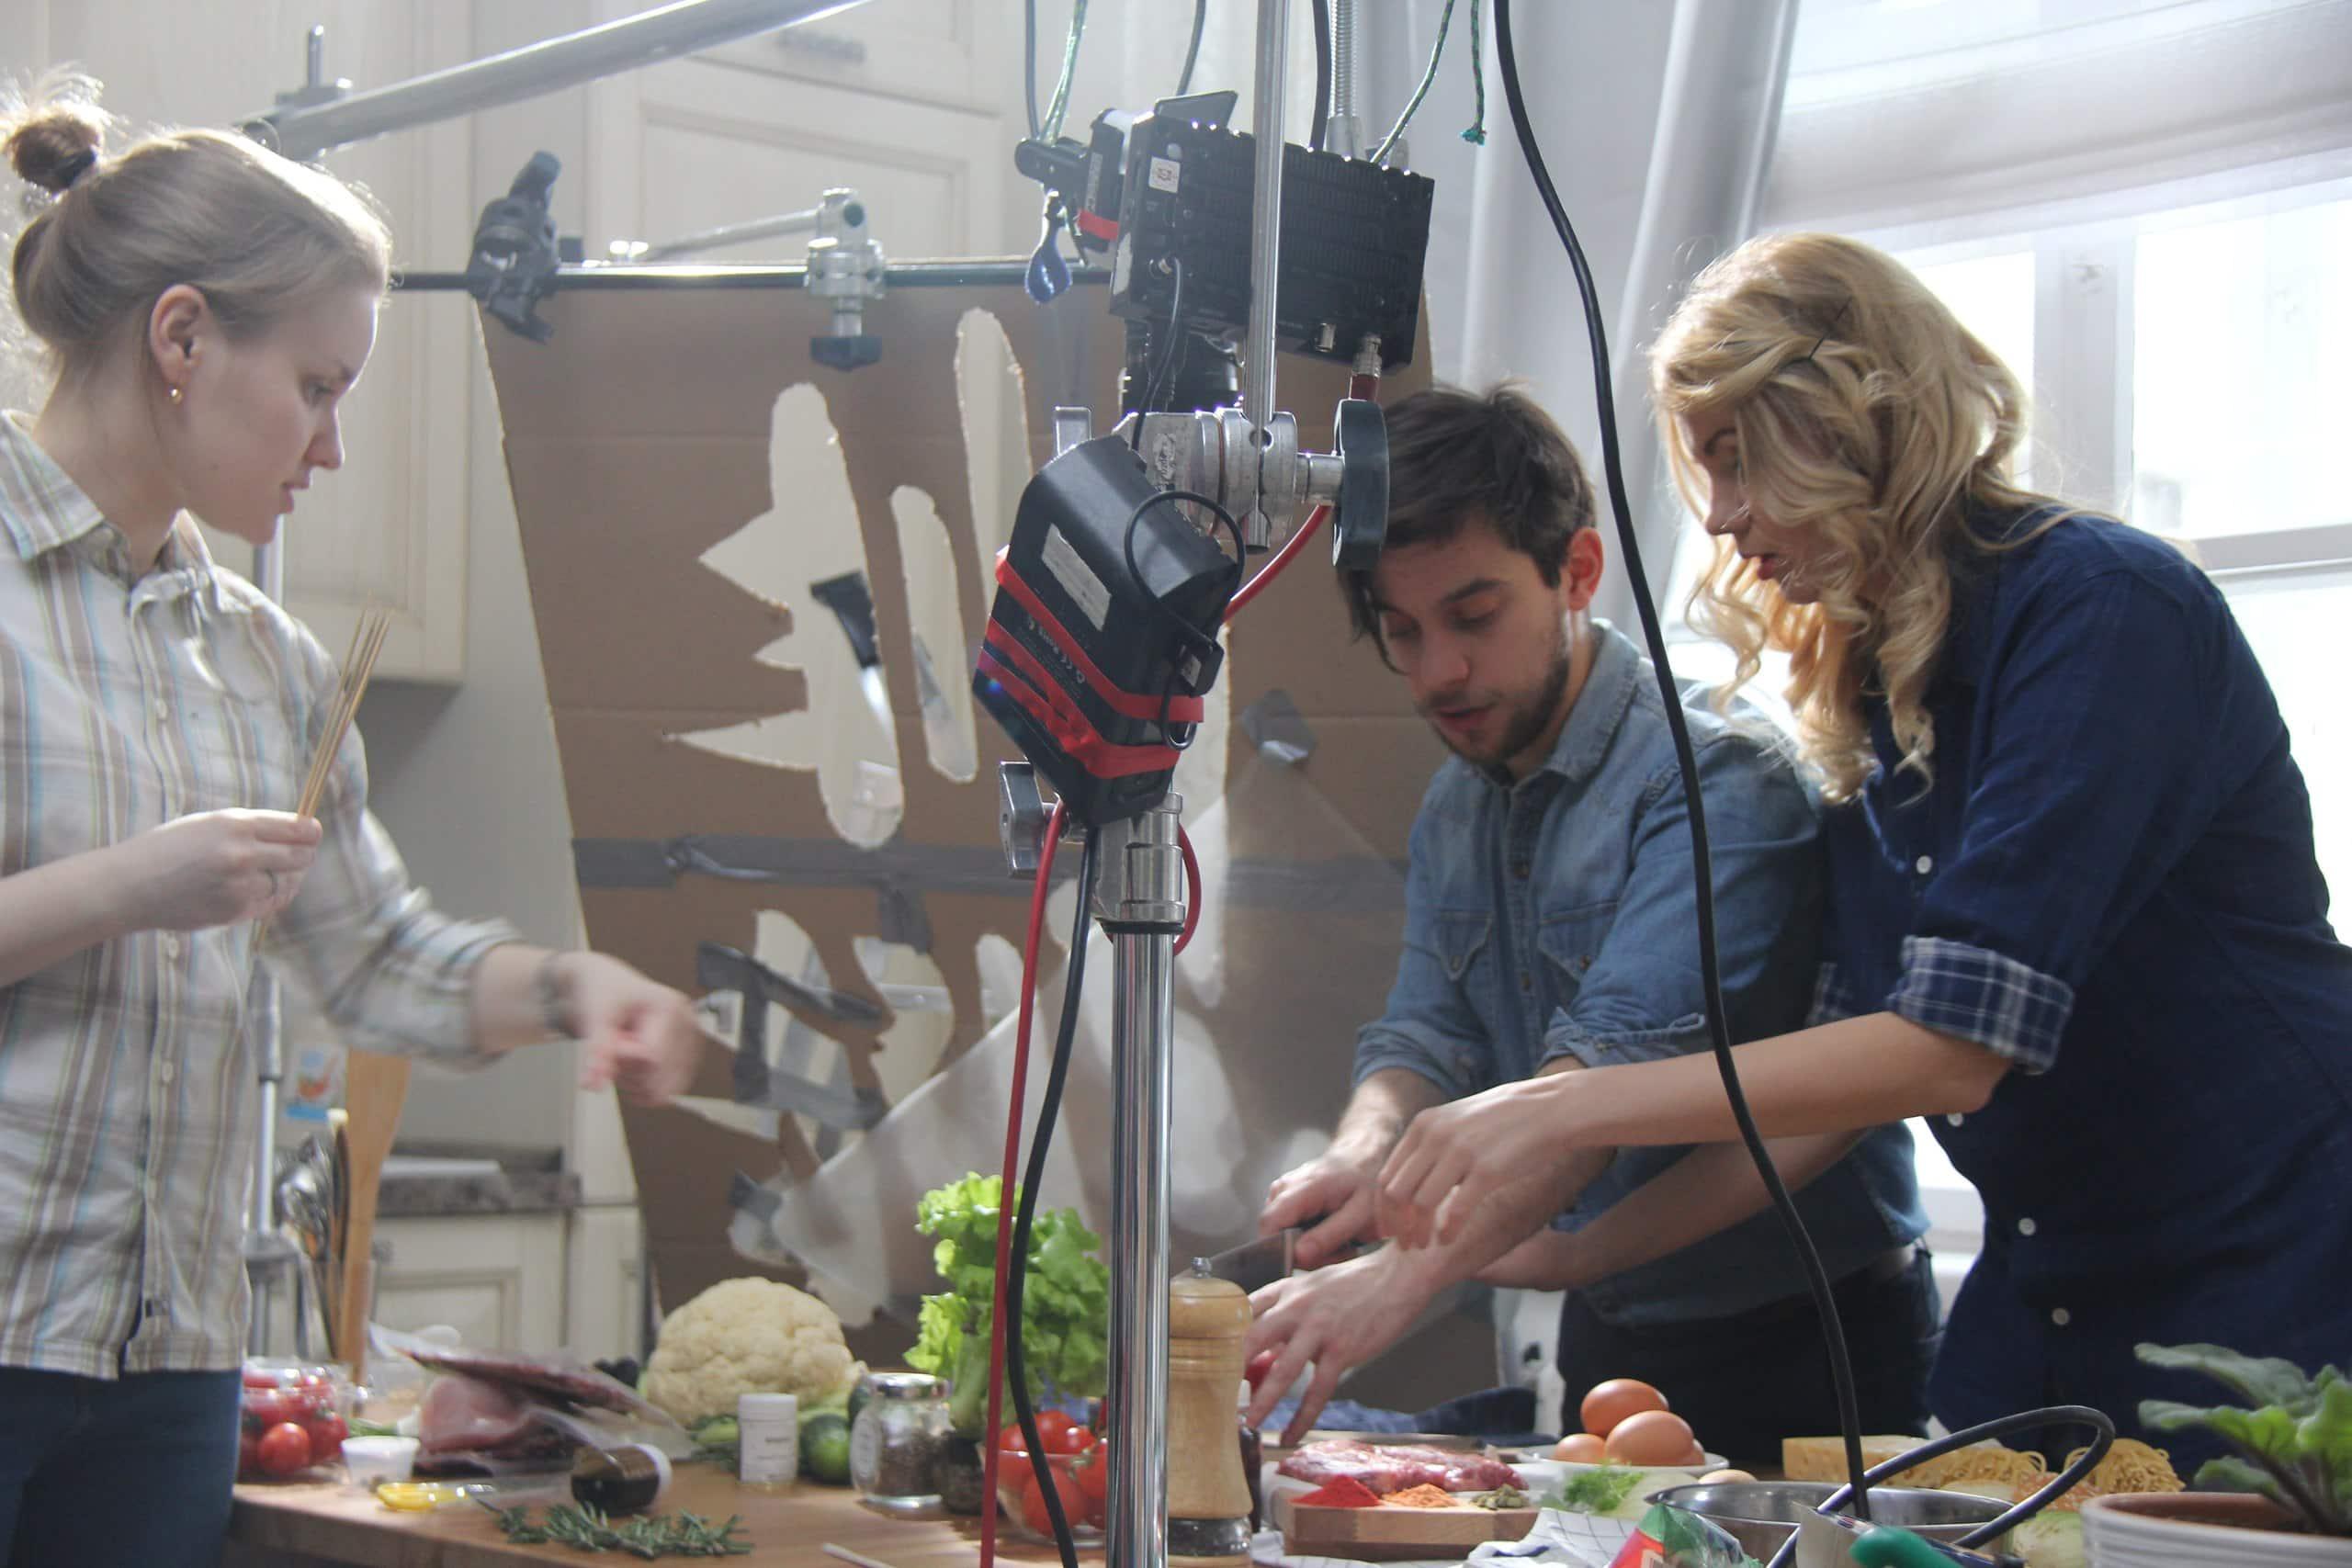 Режисер готовится снимать ролик для партии еды